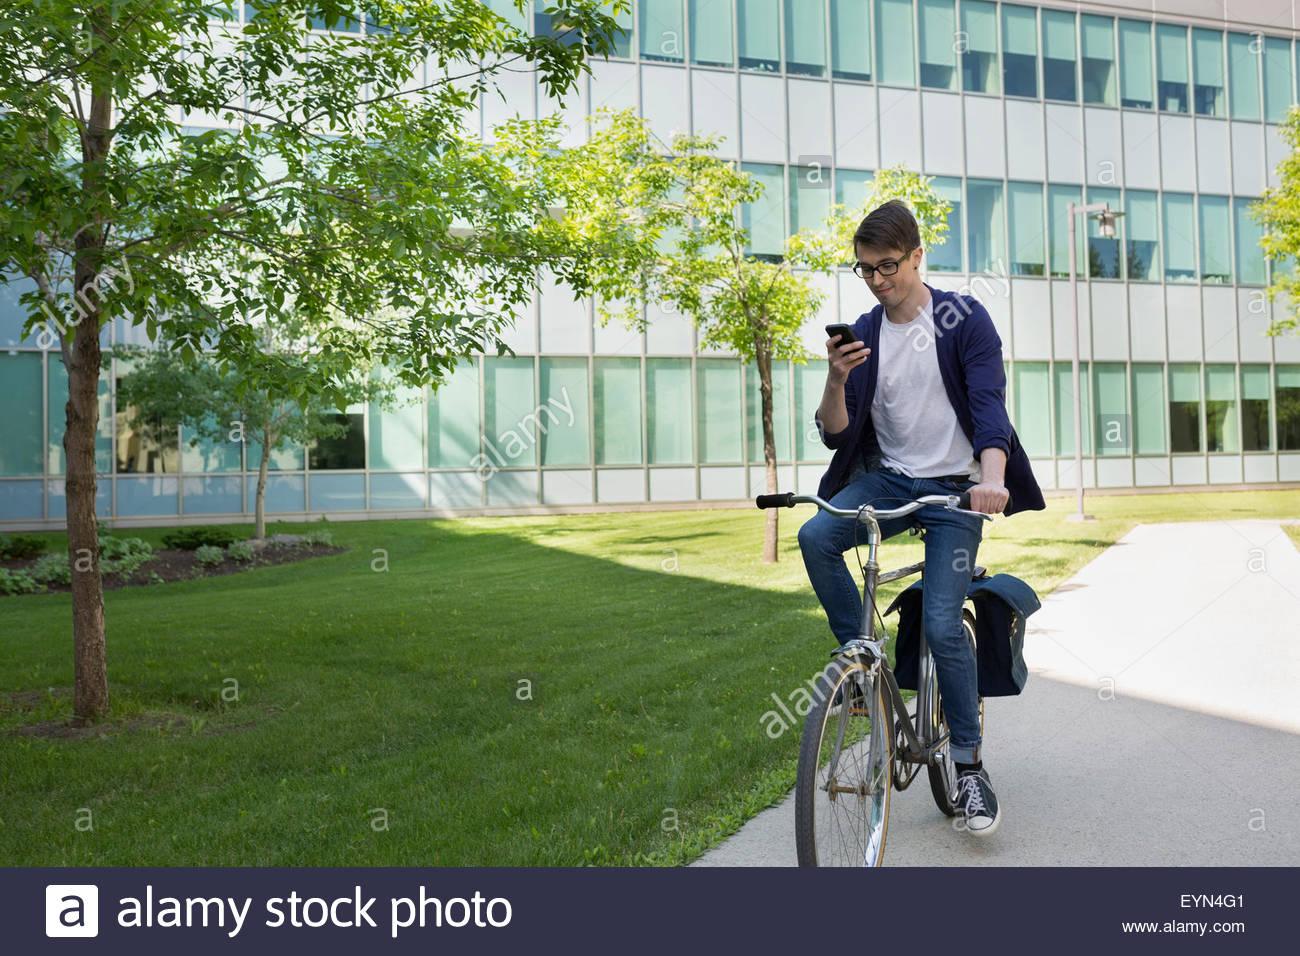 Studente di College in sella bici sul campus e i messaggi di testo Immagini Stock